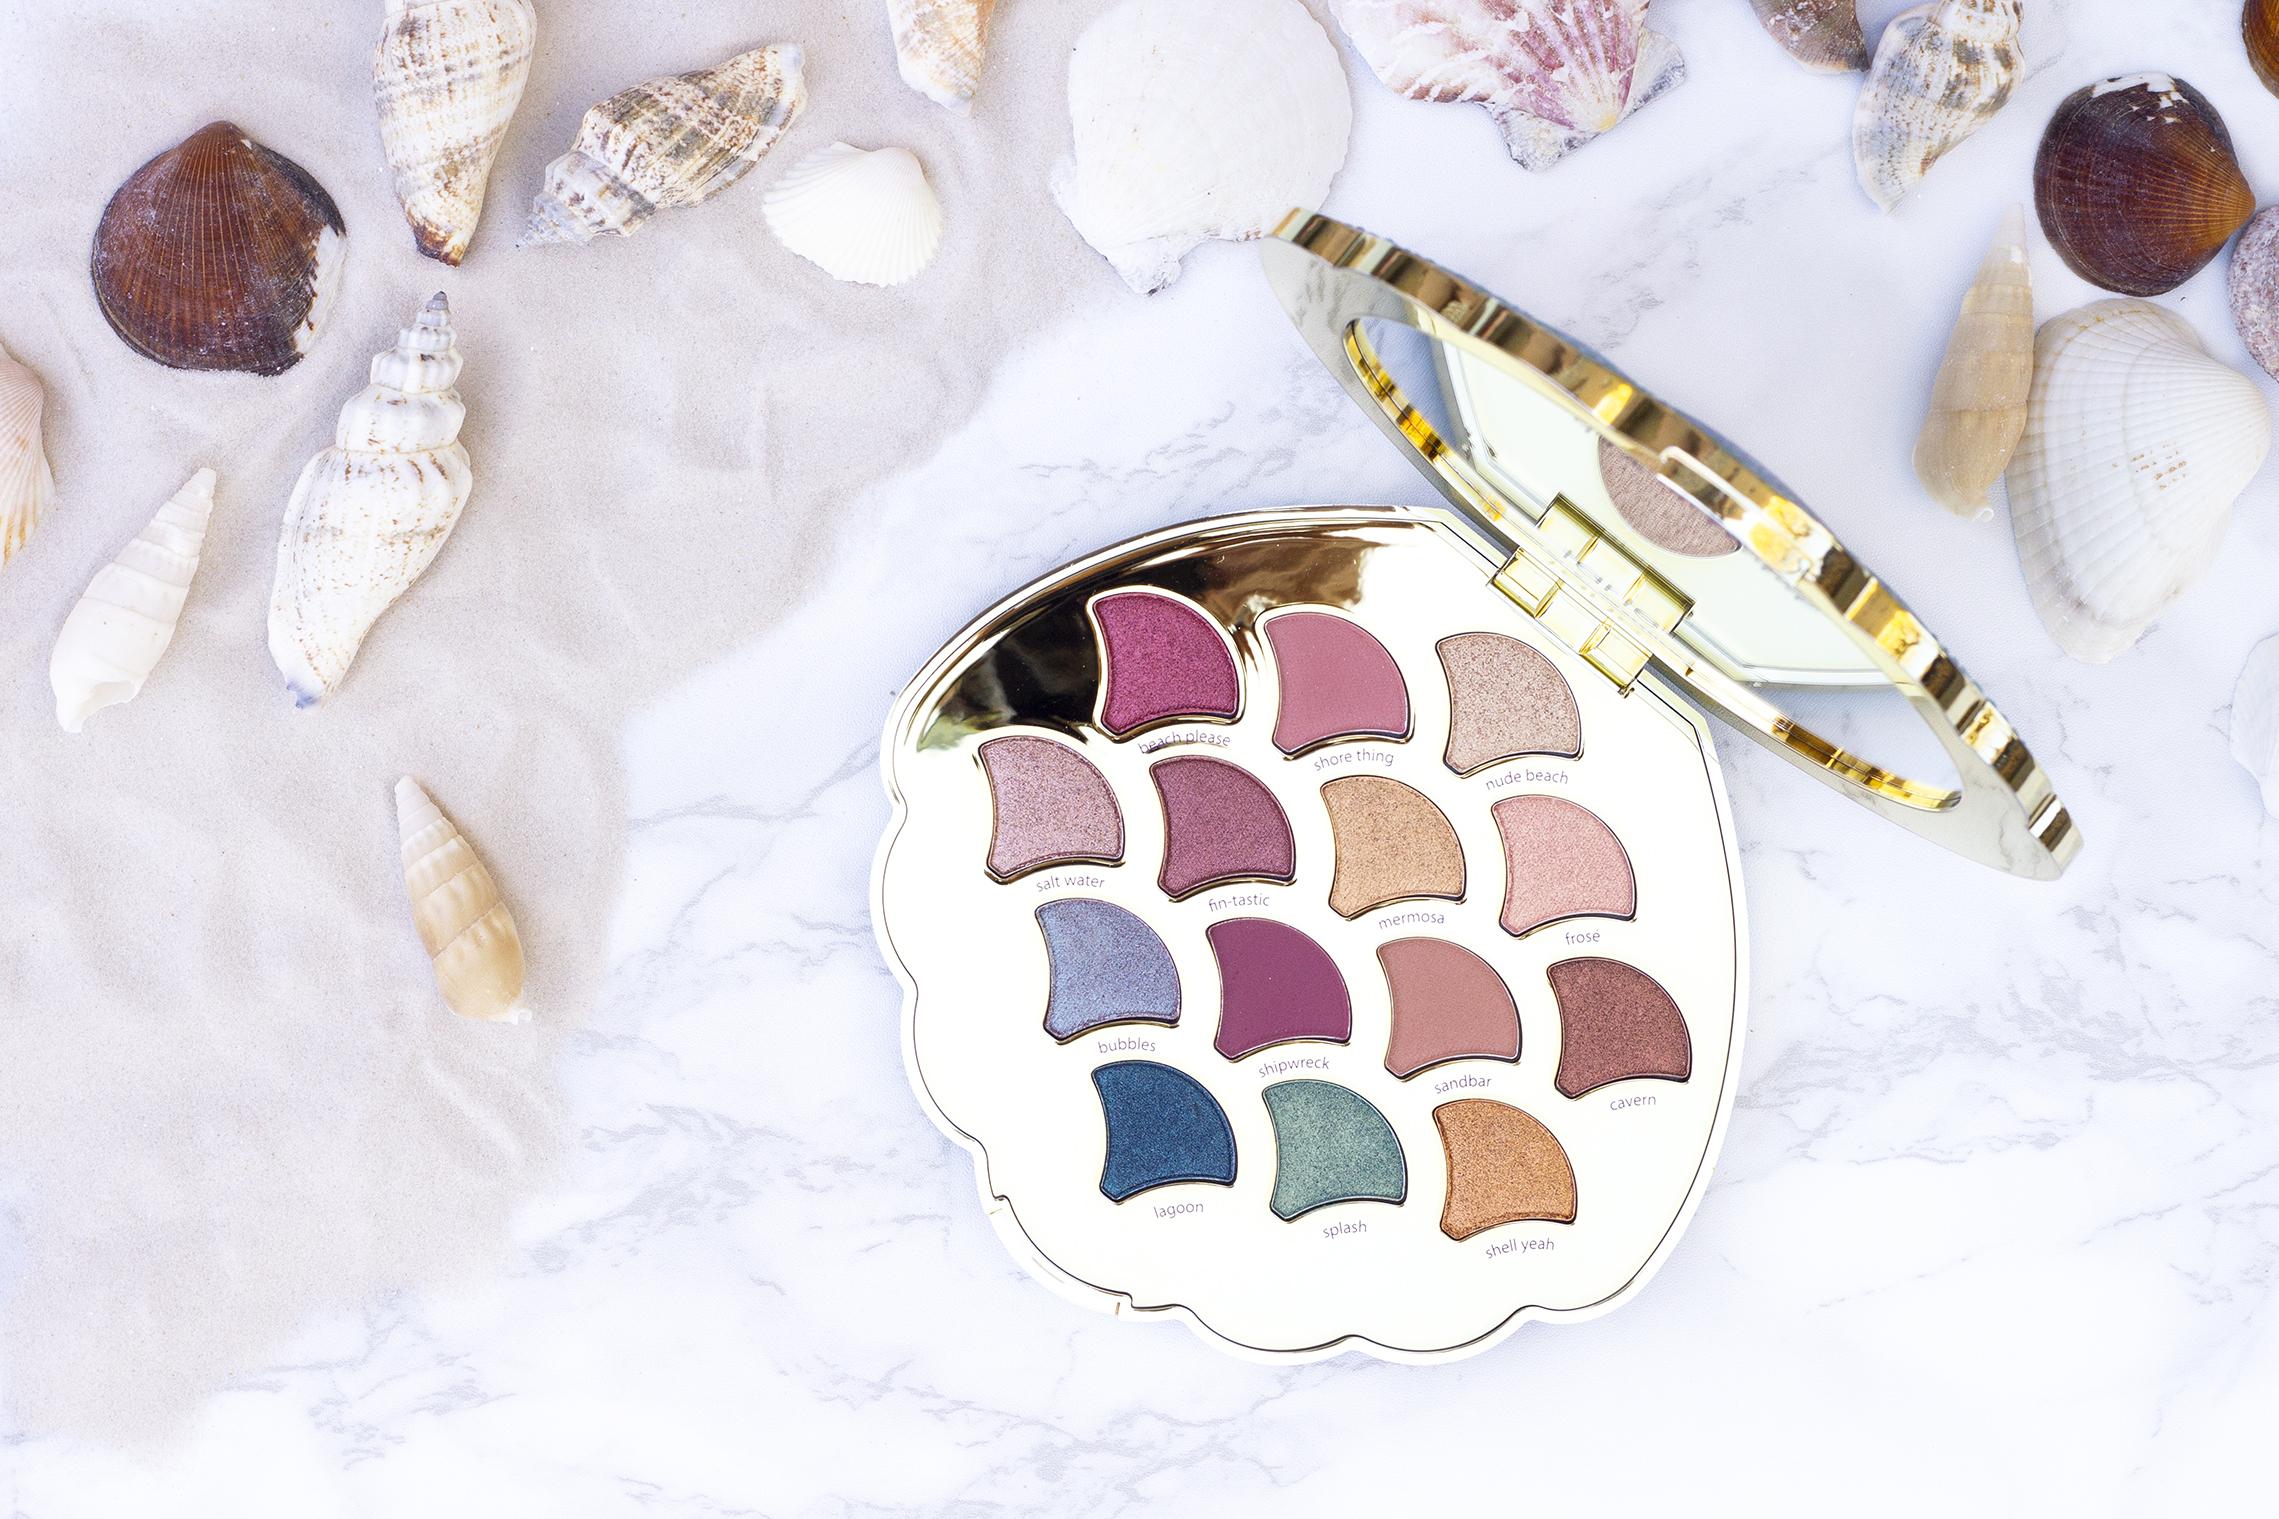 mermaid palette tarte review